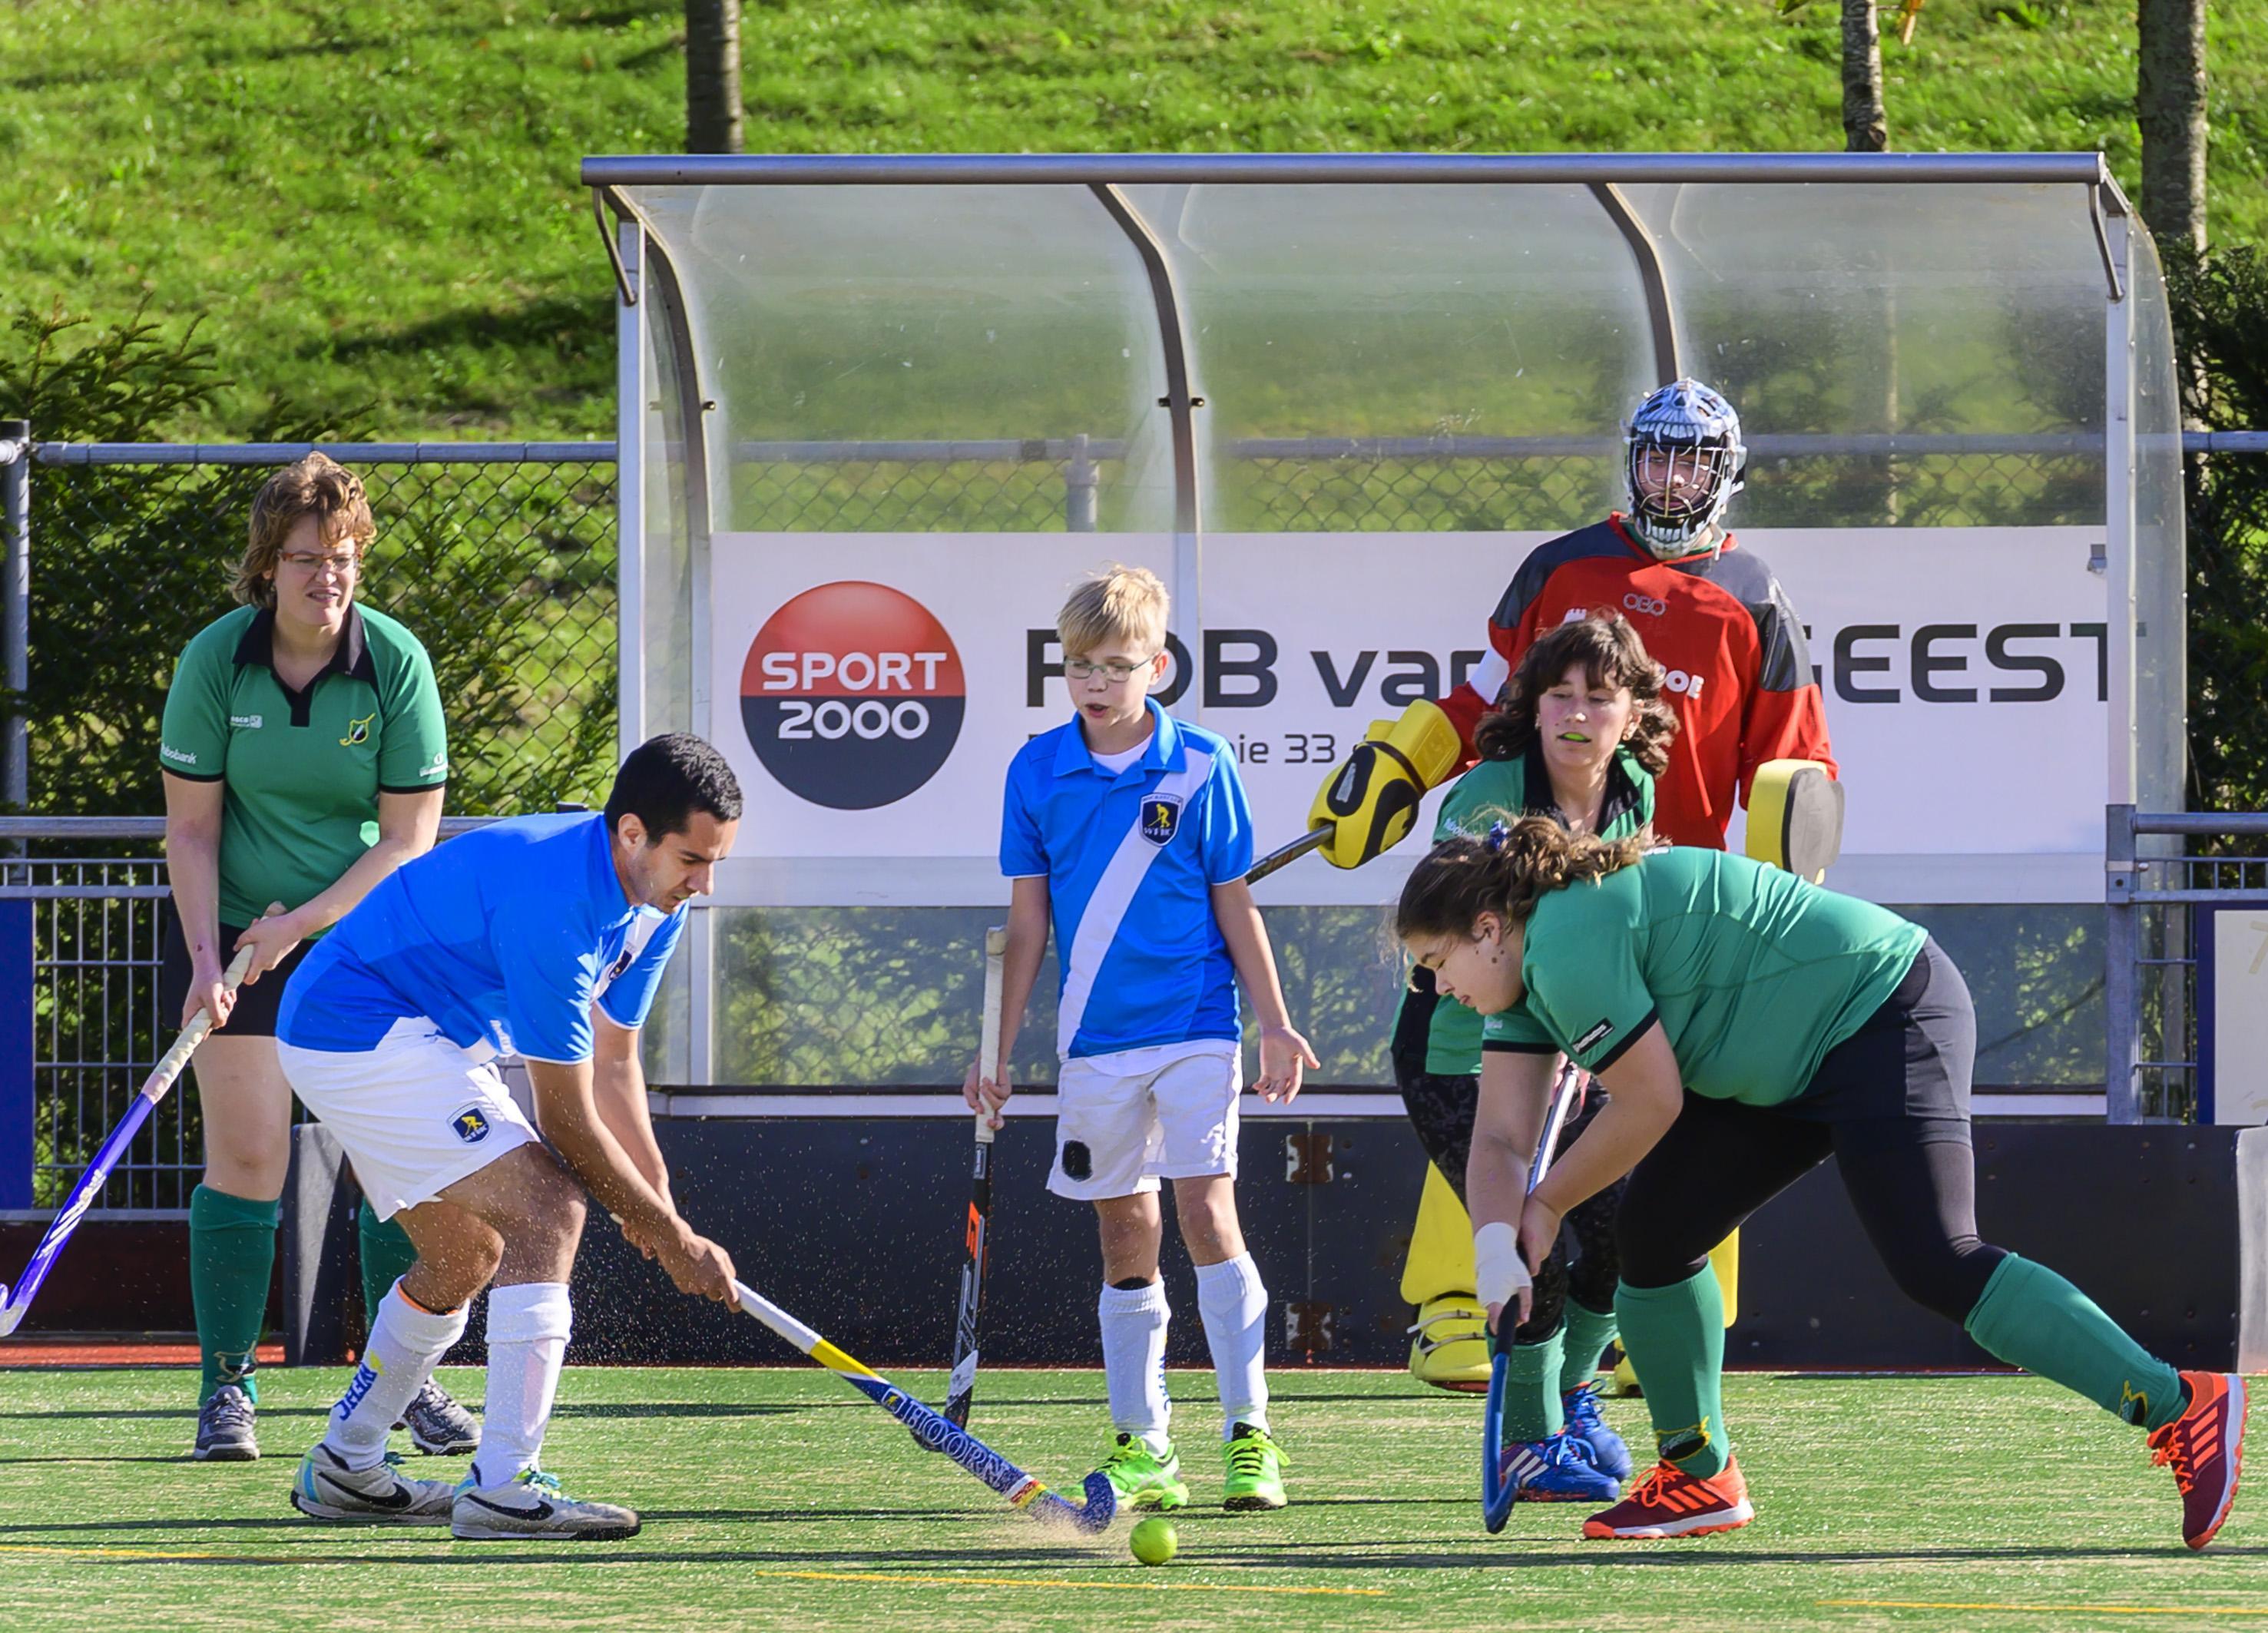 G-hockeytoernooi bij MHC De Kikkers in Nieuw-Vennep weer één groot feest